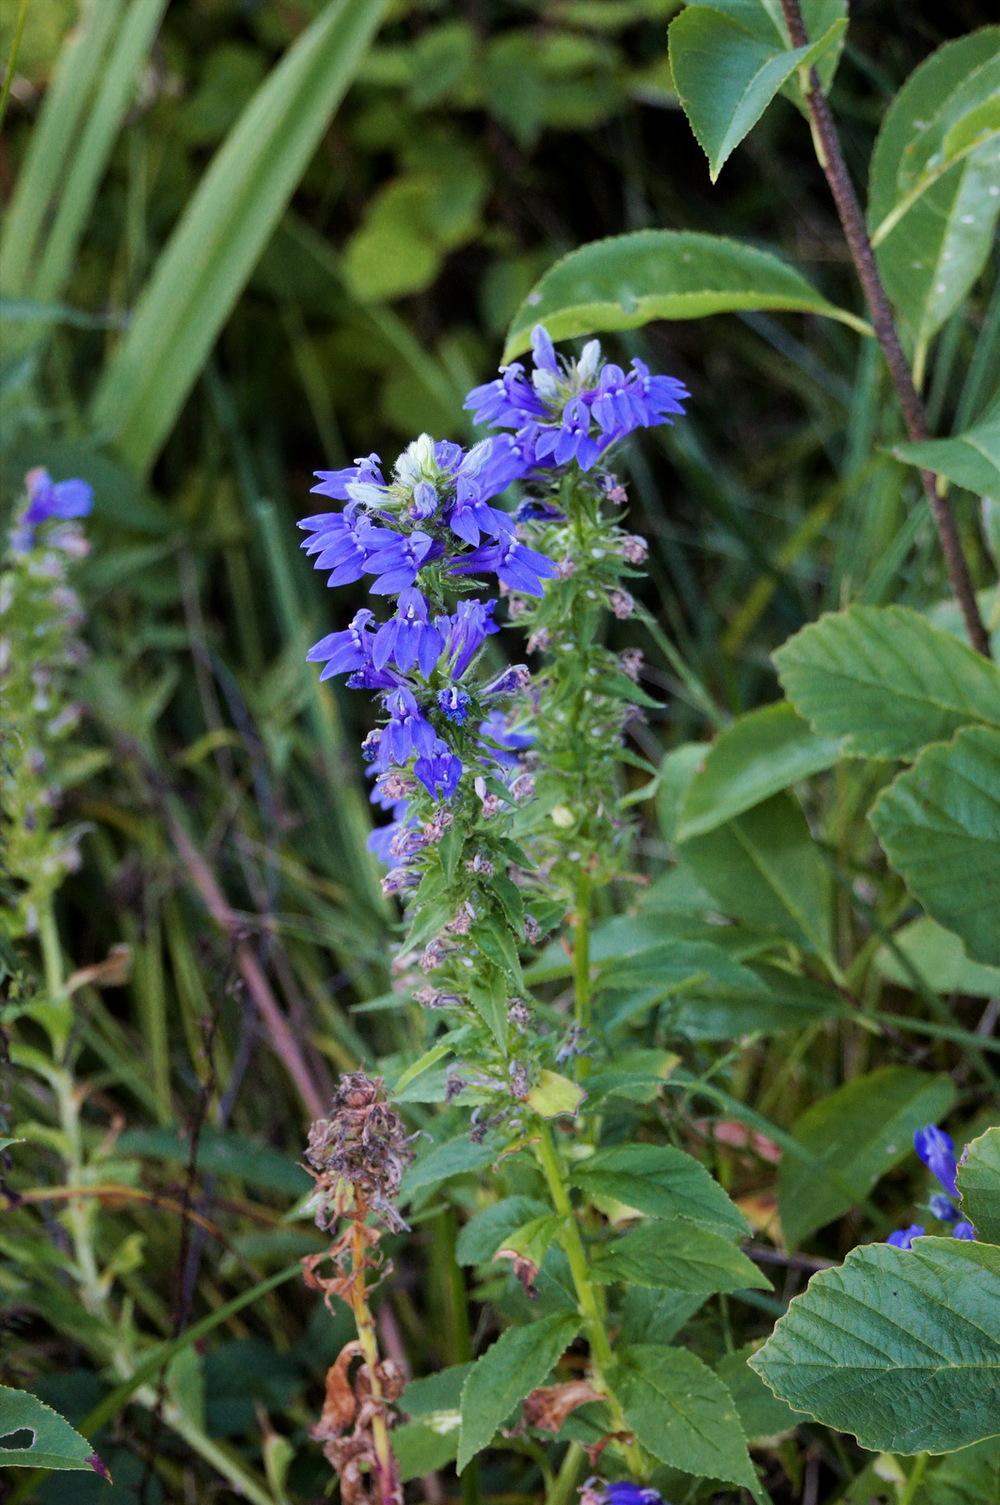 Blue flower perf clr_resize.jpg